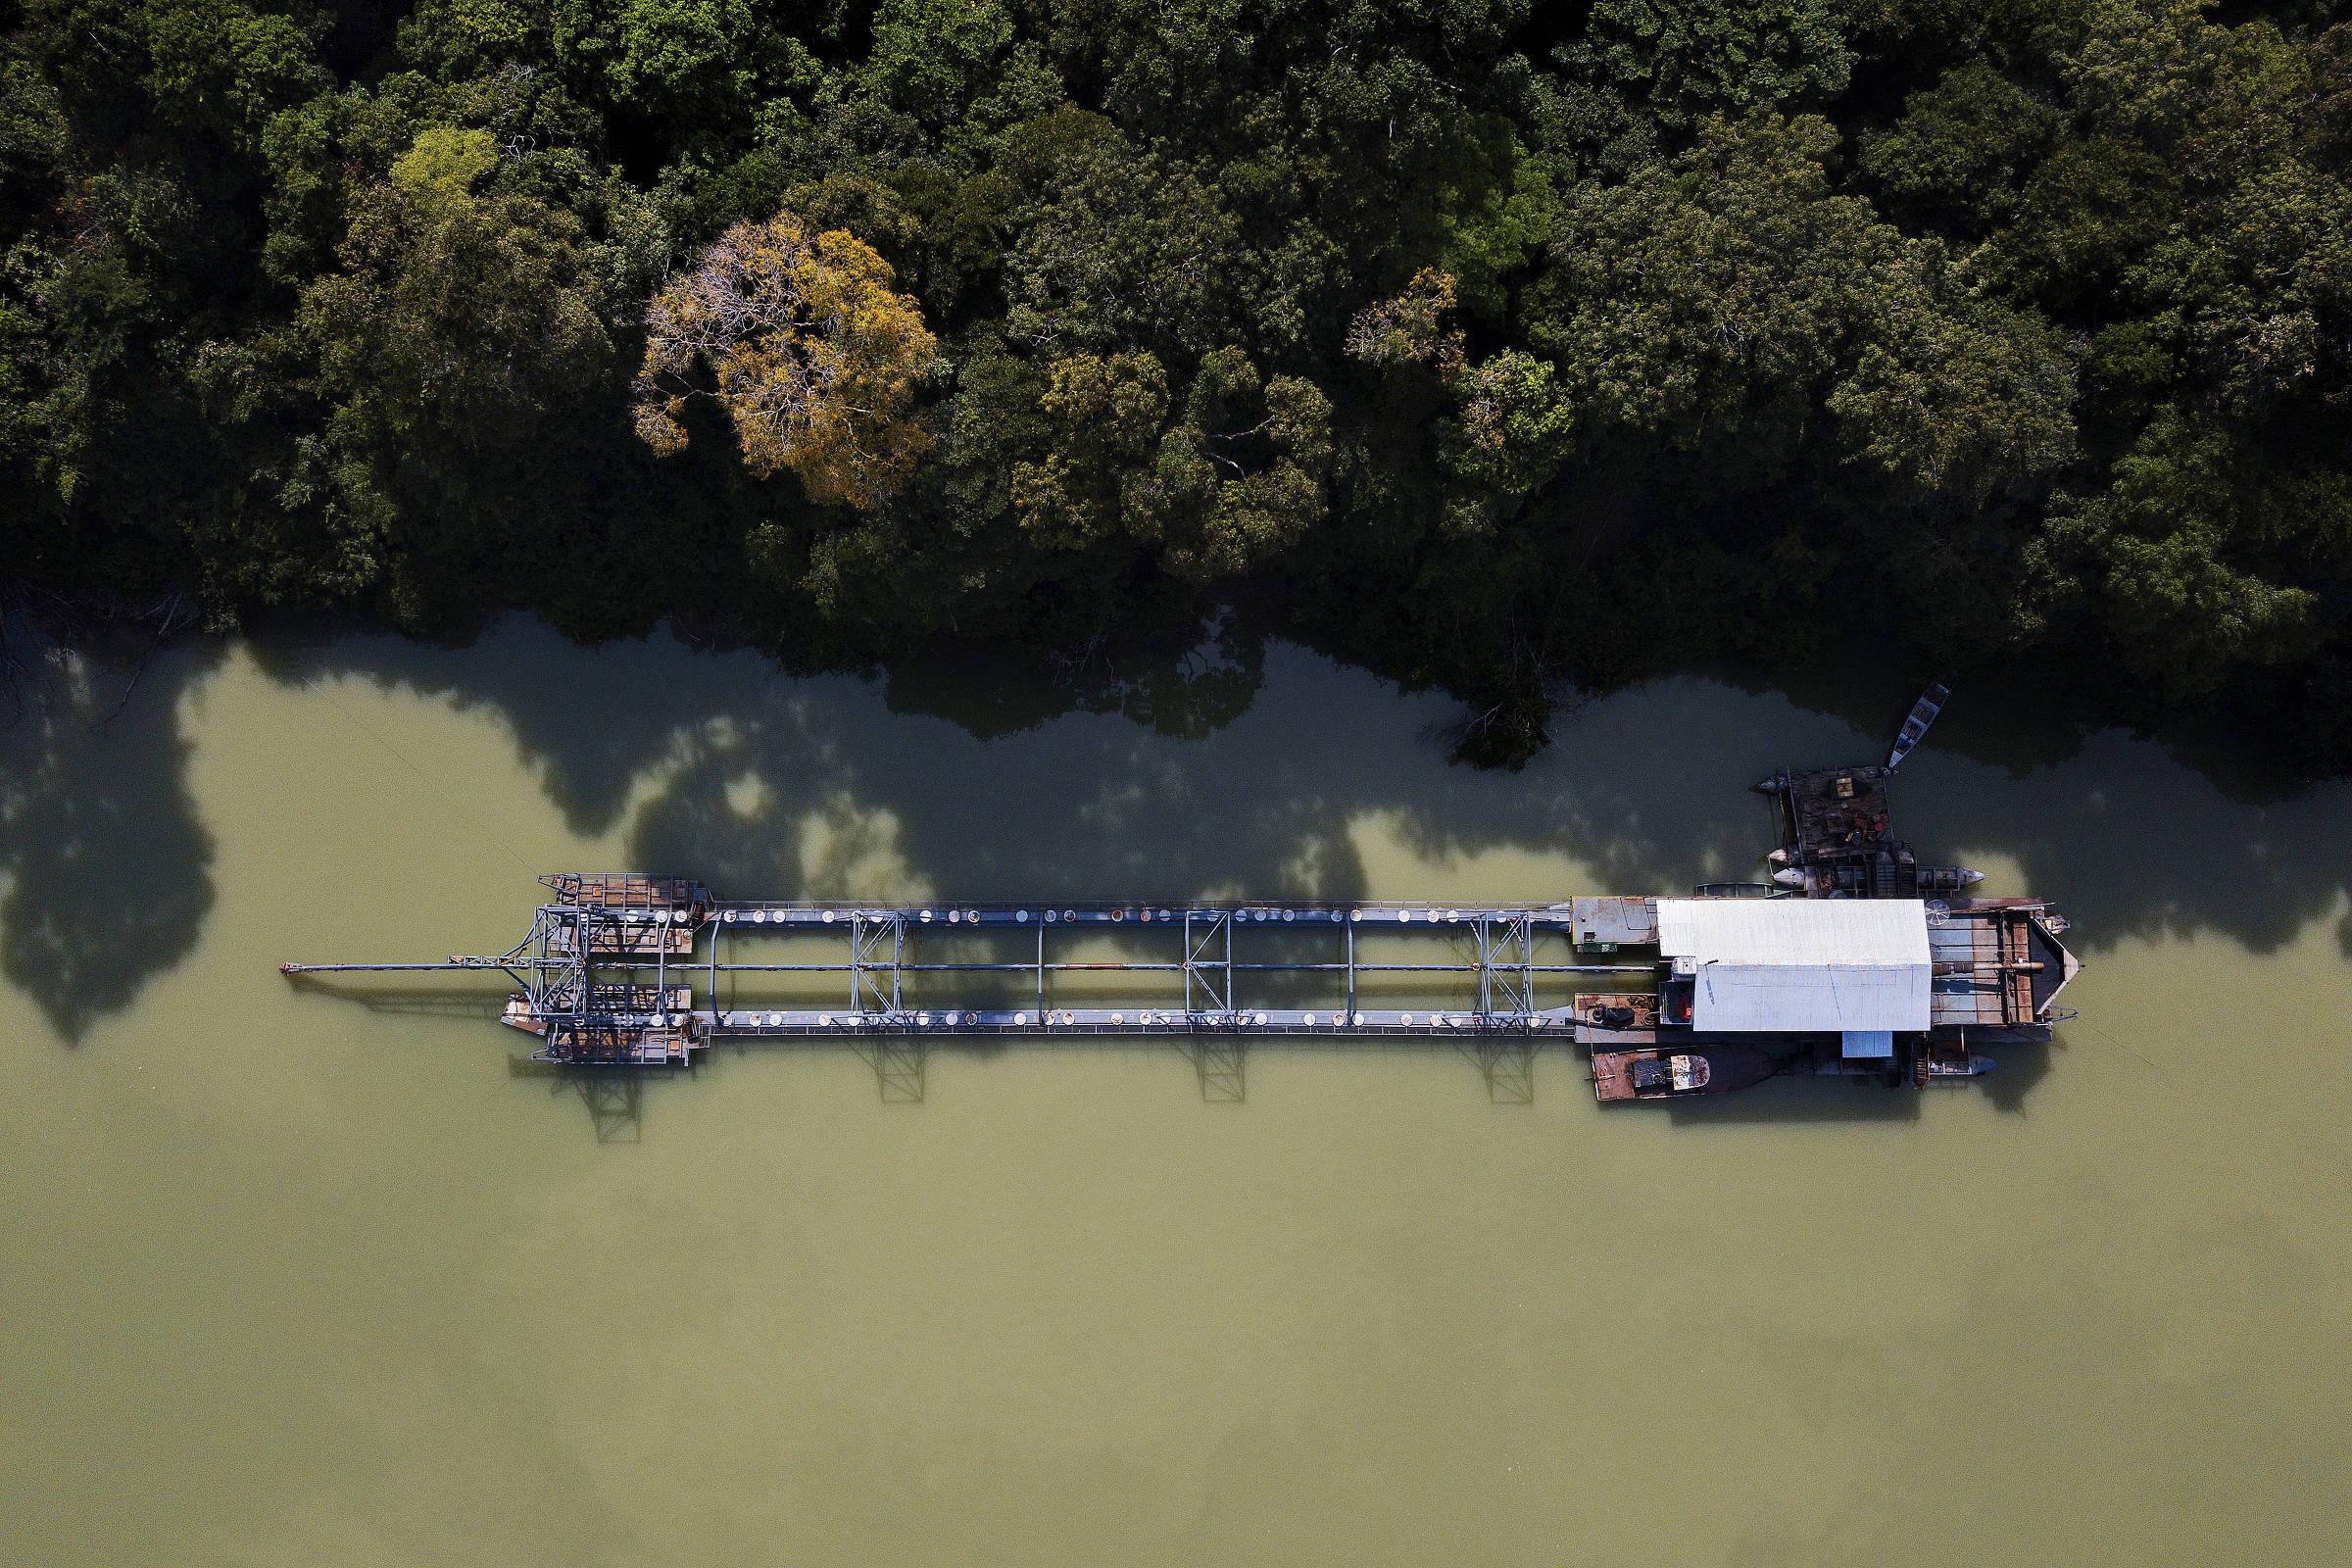 Draga usada para a extração de ouro e diamante do rio Tapajós ancorada ao lado da Terra Indígena Sawré Muybu, no Pará